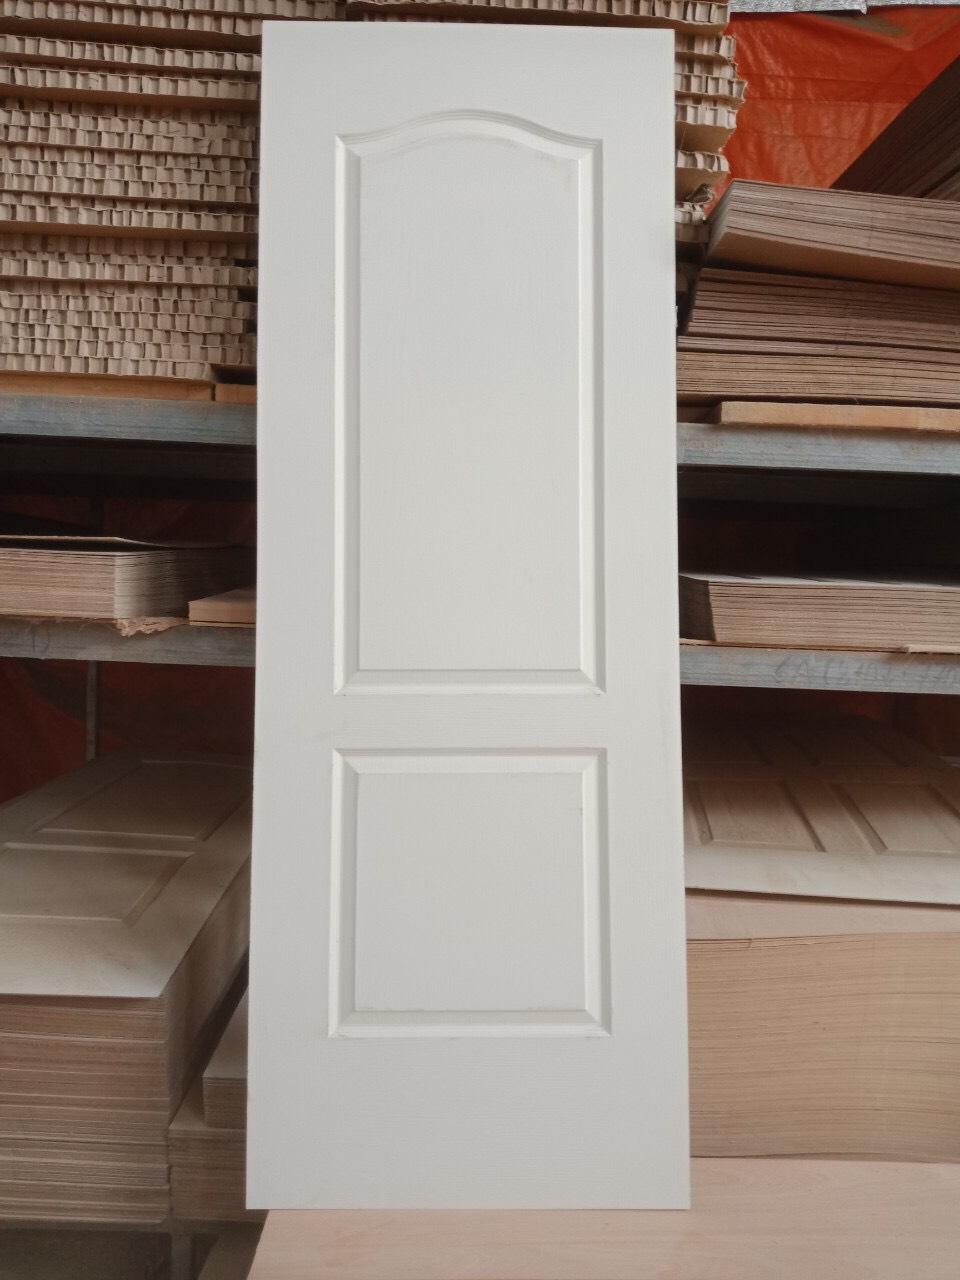 Cửa gỗ hdf sơn mẫu 2A-C1